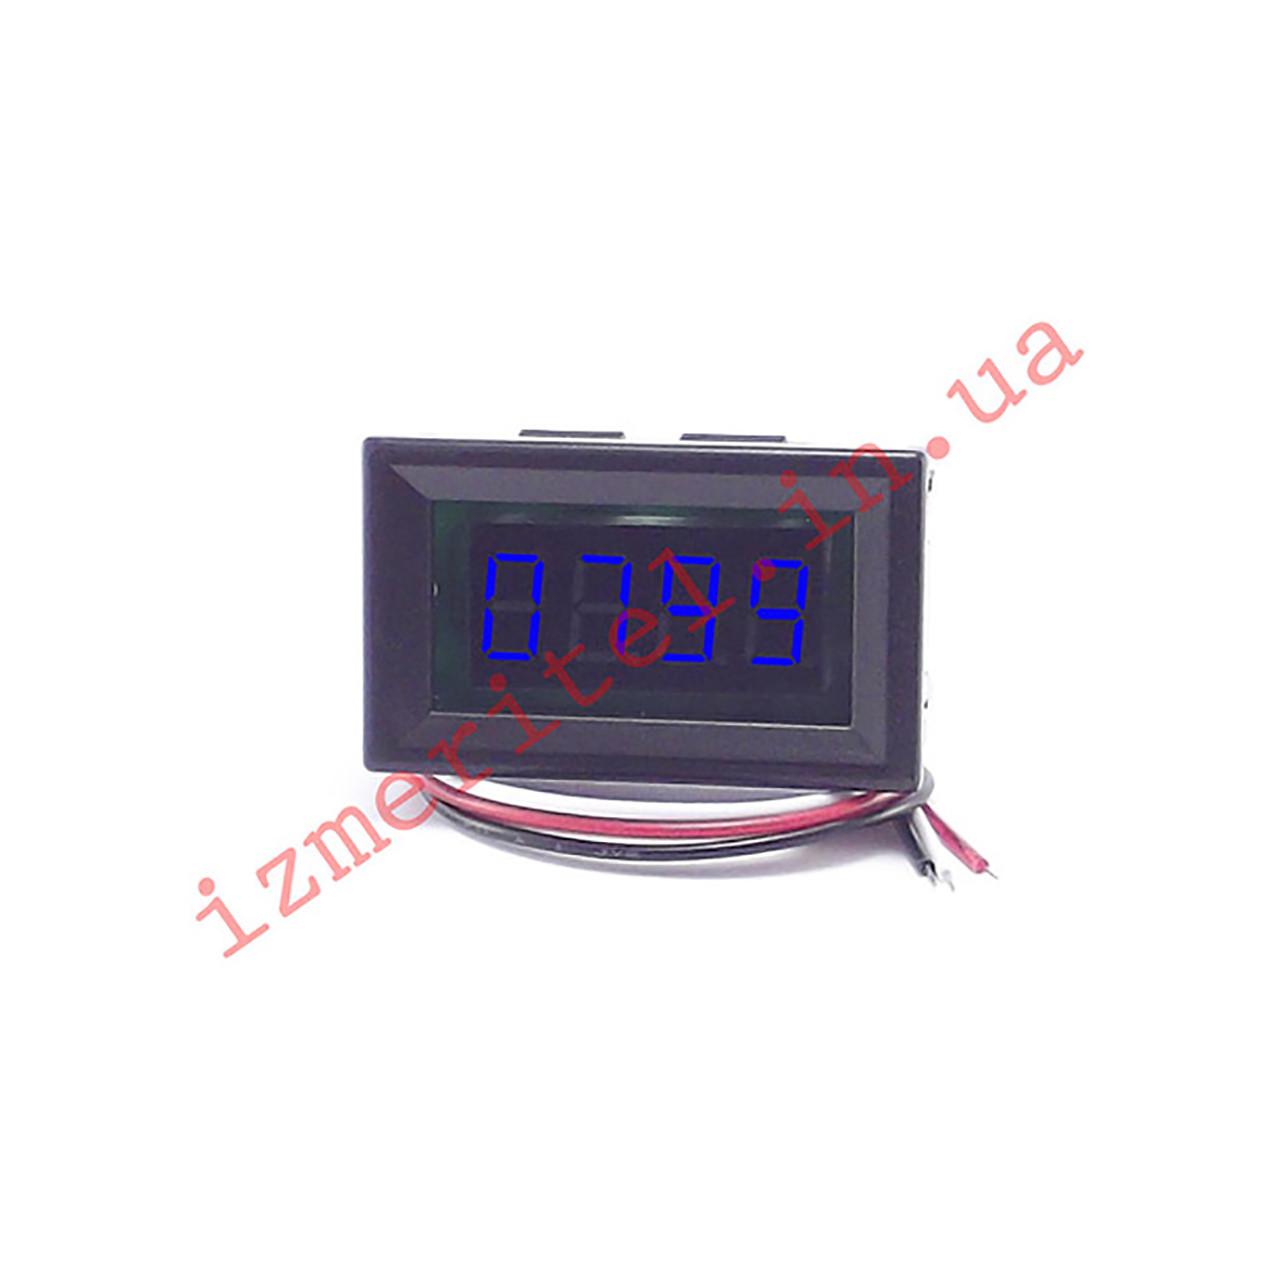 Цифровой вольтметр DC 0-1000 В